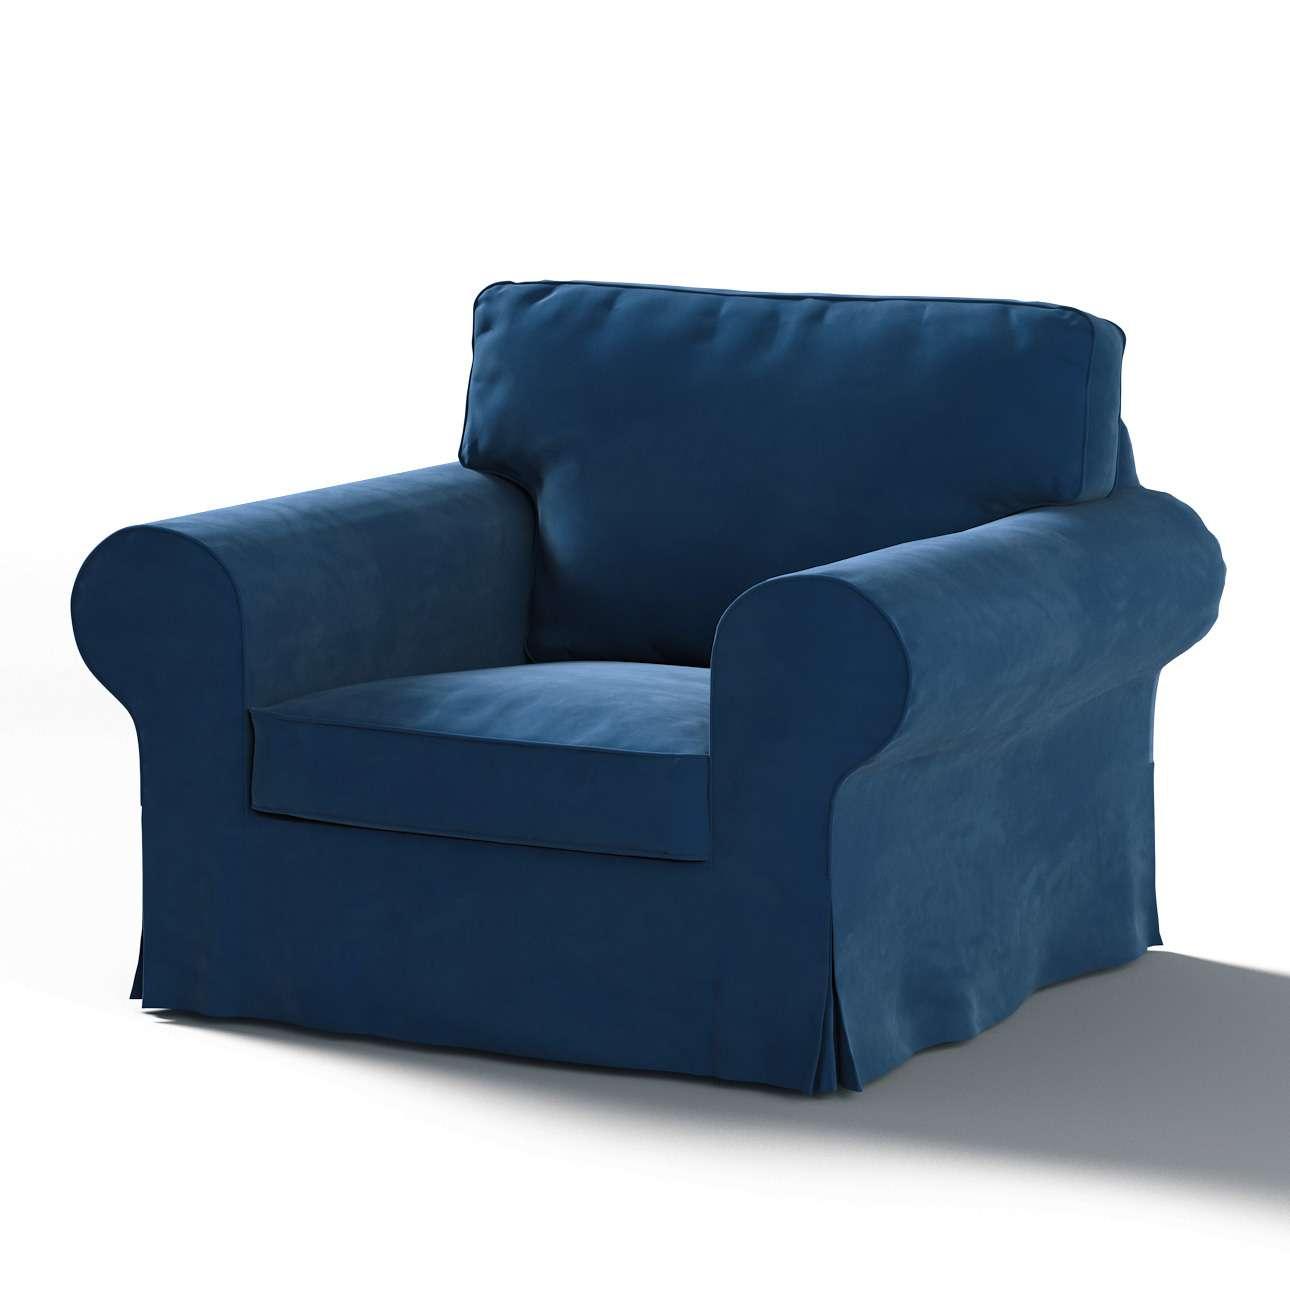 Pokrowiec na fotel Ektorp w kolekcji Velvet, tkanina: 704-29